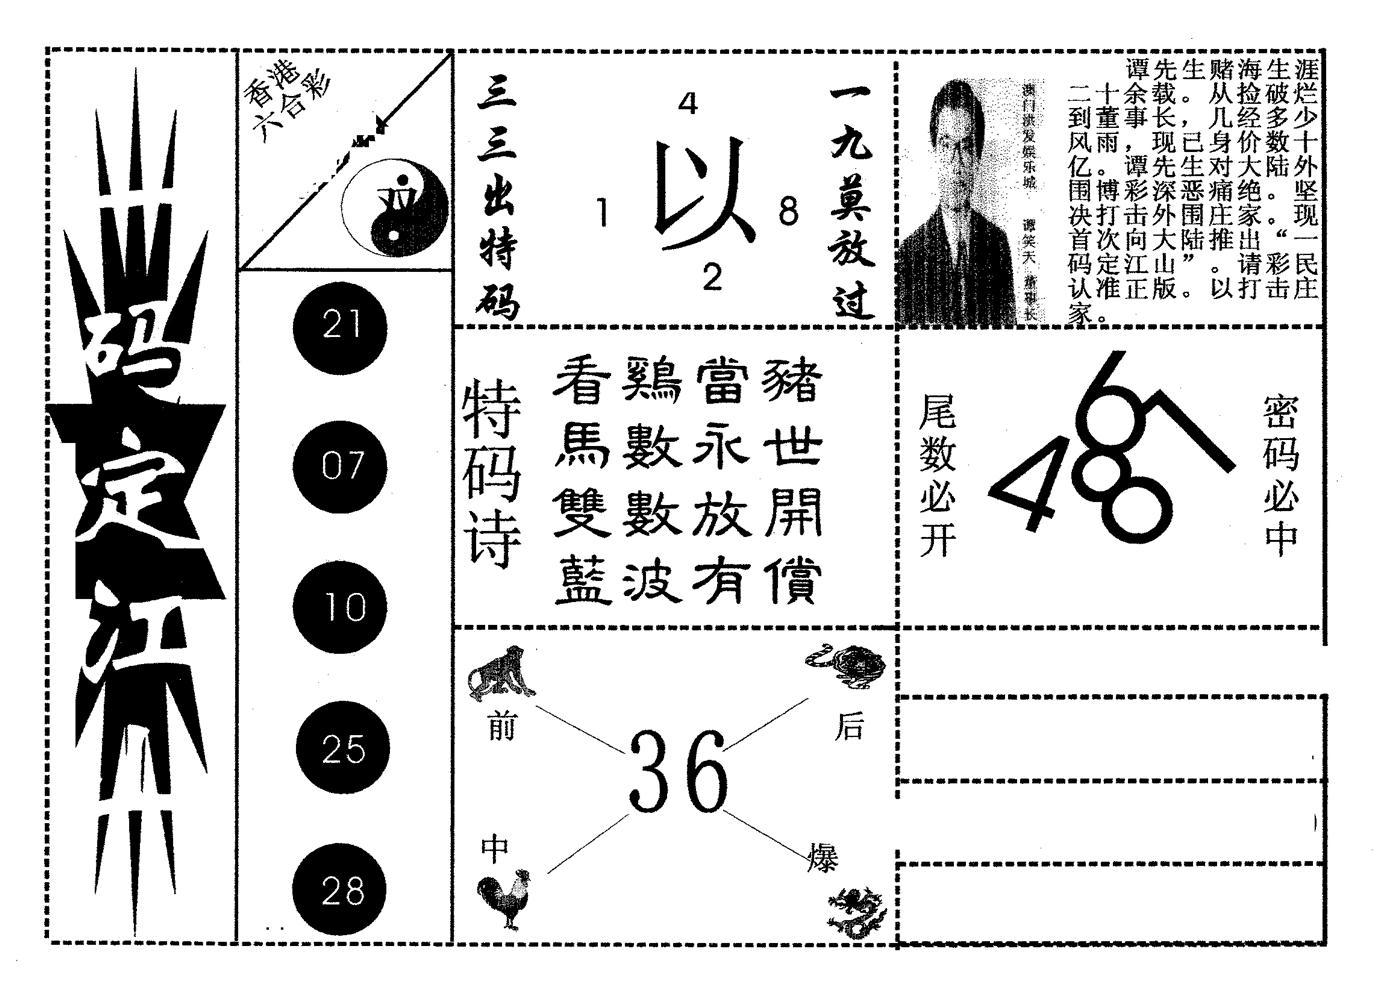 072期一码定江山(黑白)